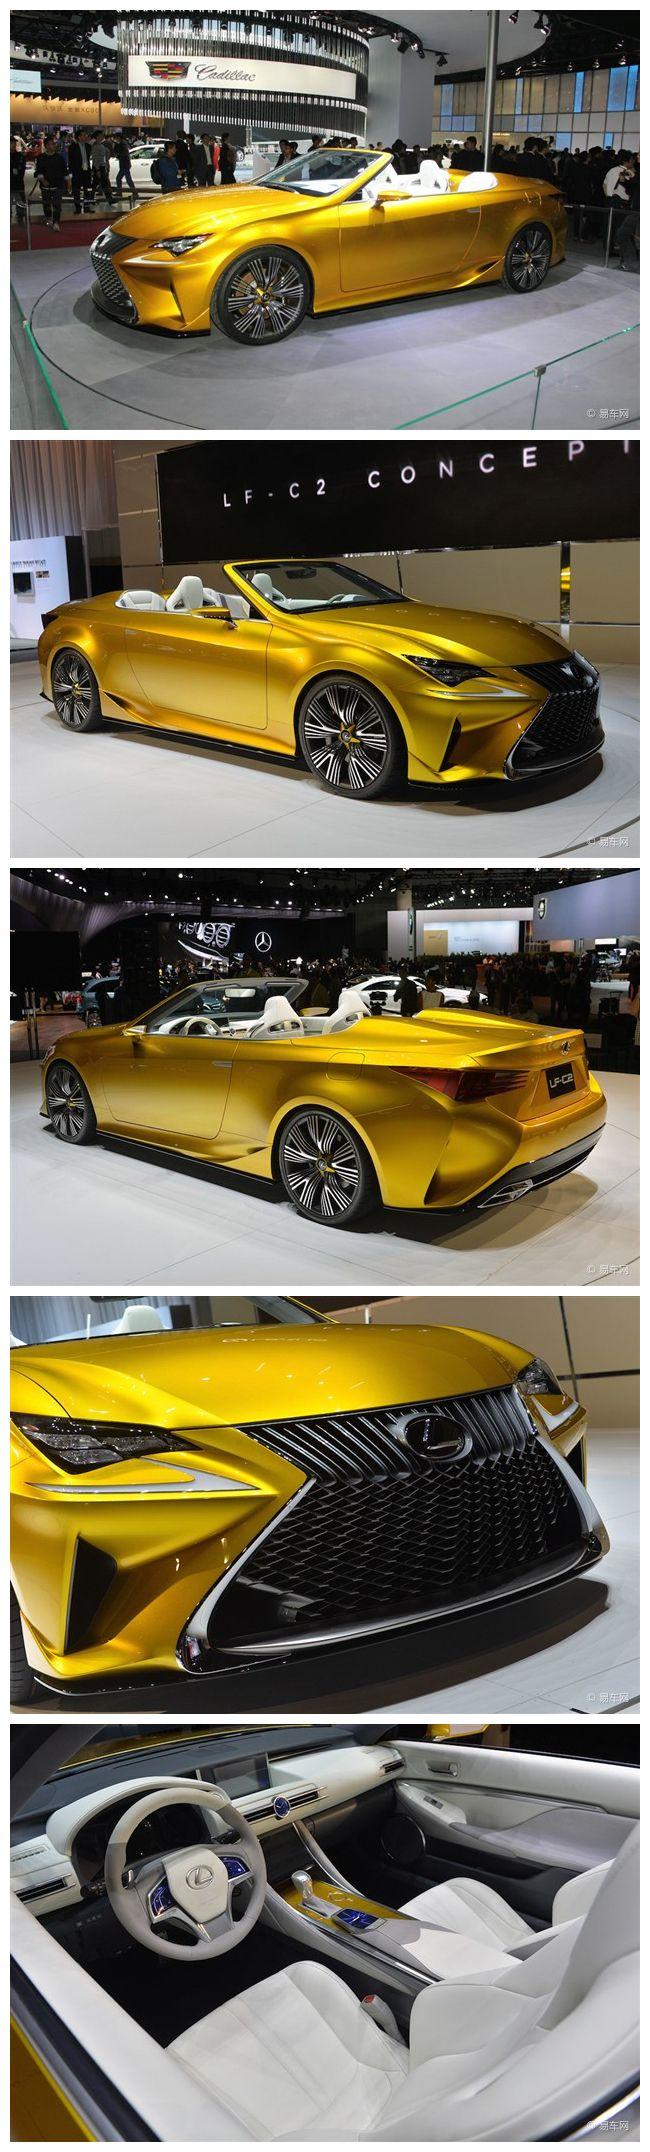 Lexus lf c2 convertible concept car unveiled